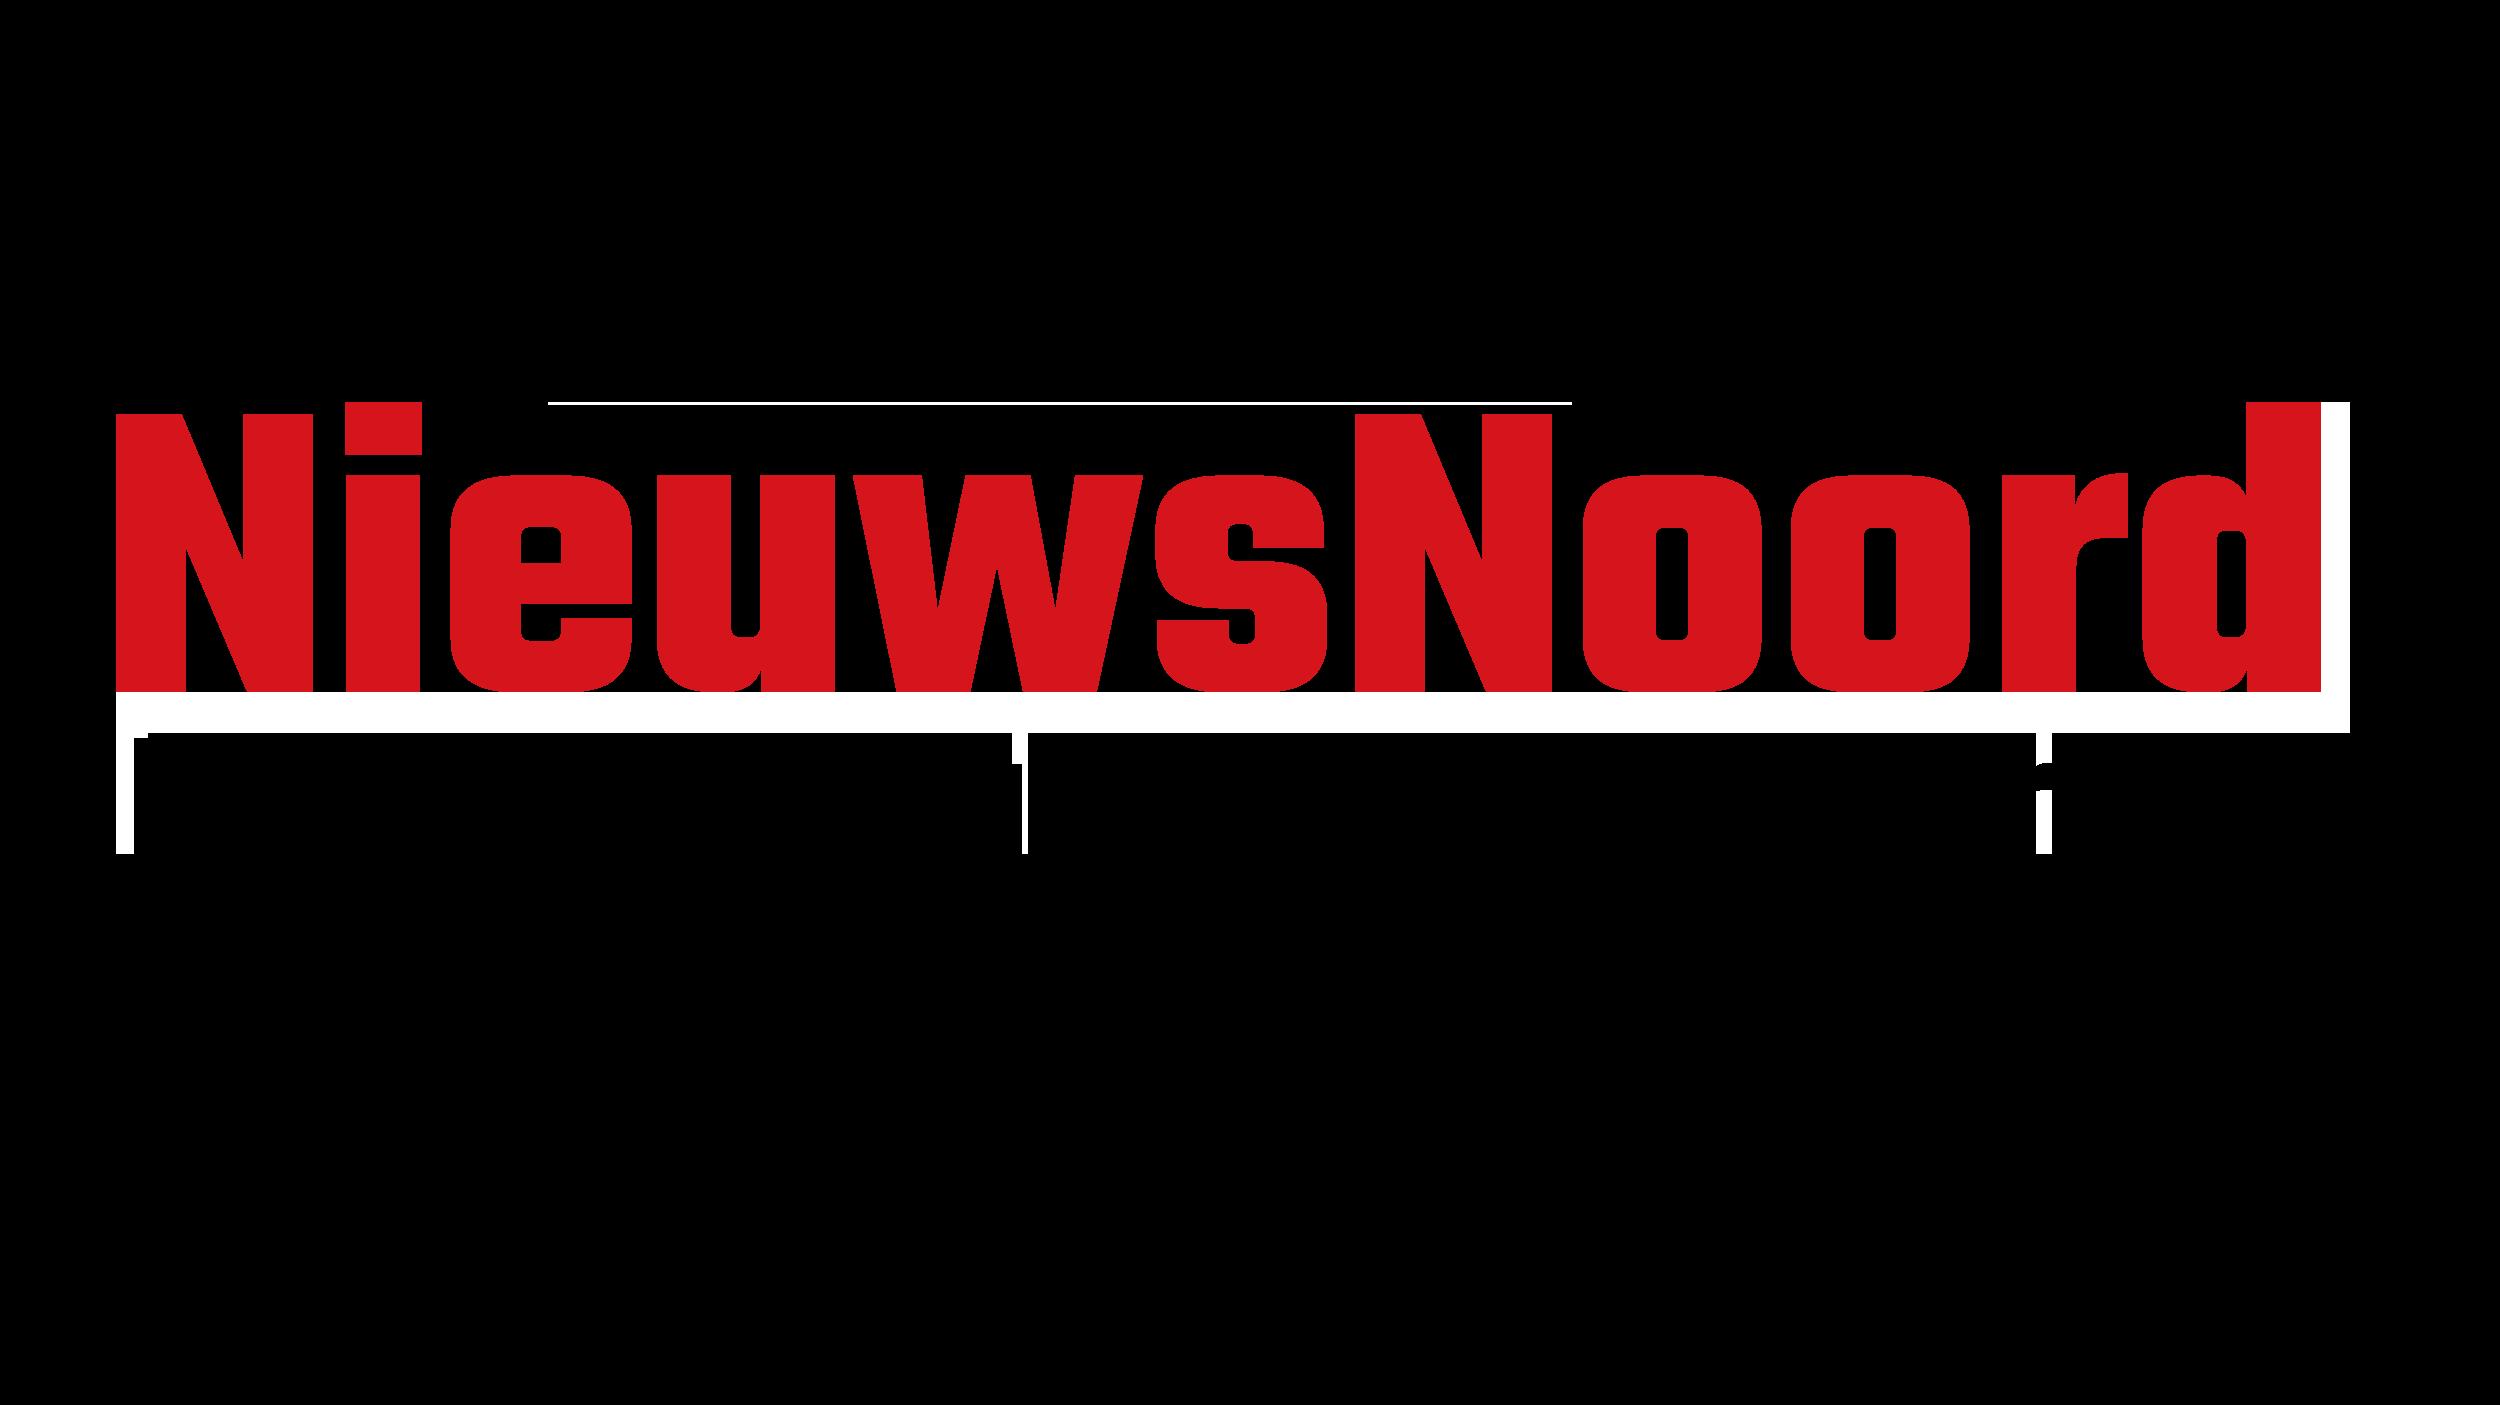 NieuwsNoord